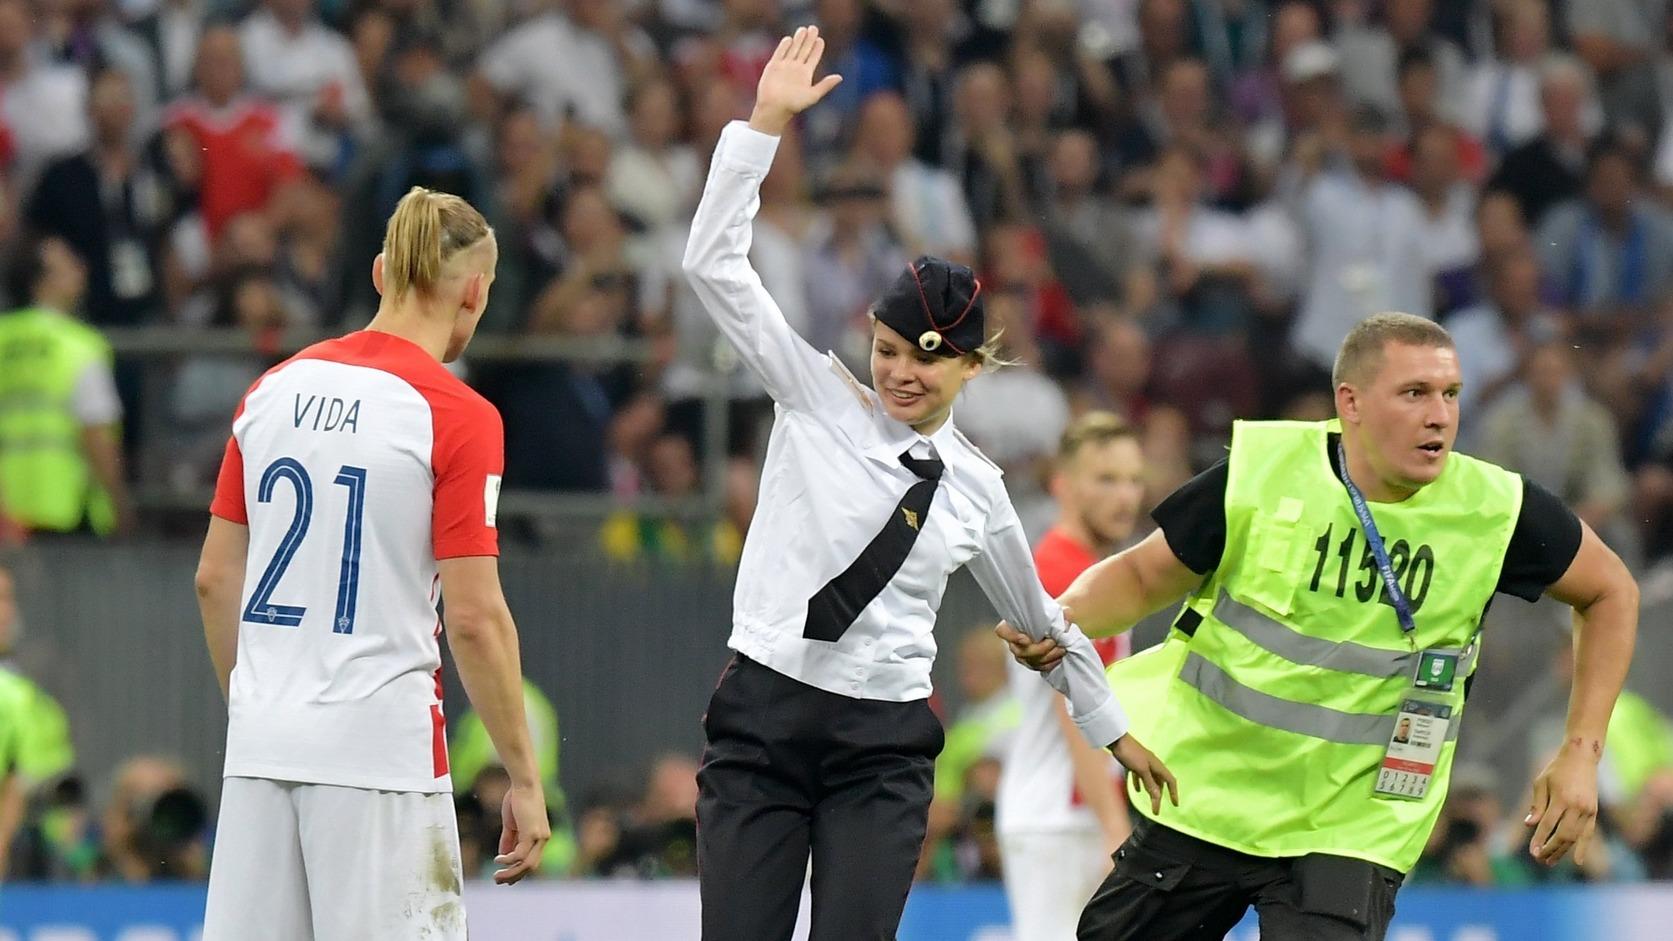 A Pussy Riot nevű orosz feminista punk-rock banda egyik tagját vezetik el az oroszországi labdarúgó-világbajnokság Franciaország - Horvátország döntőjében (Fotó: MTI/EPA/Peter Powell)